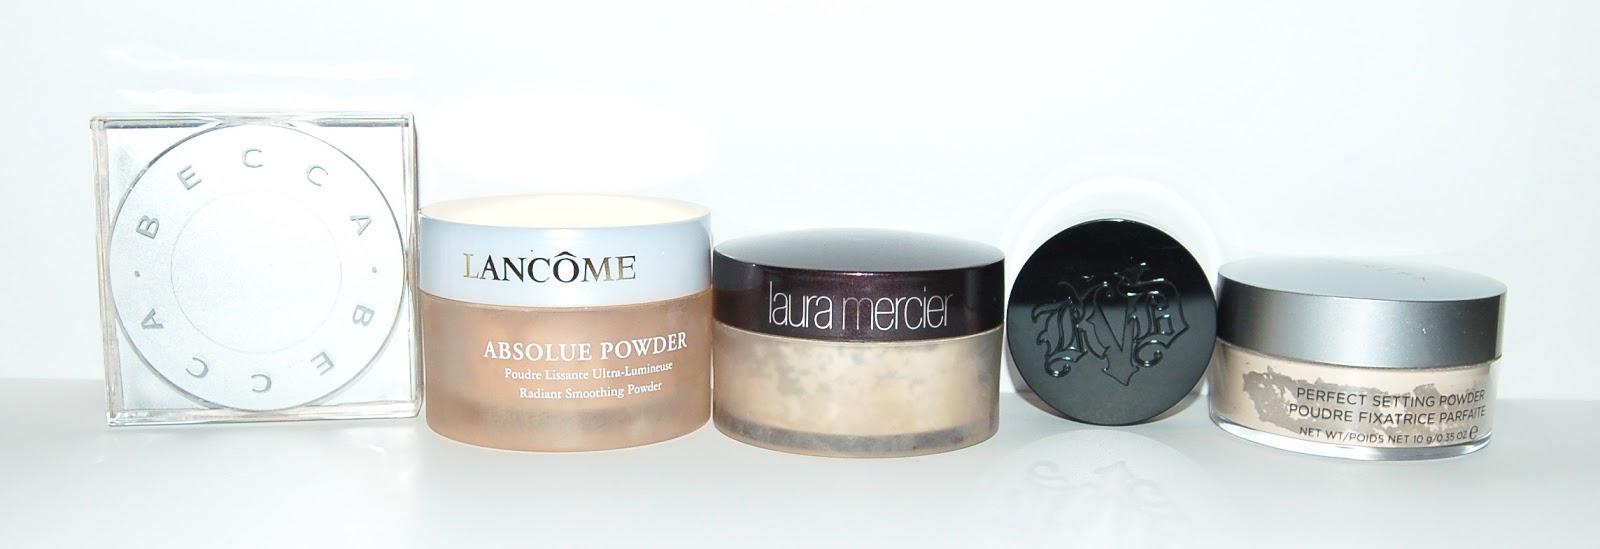 Long Time No Shine Loose Setting Powder by Lancôme #14